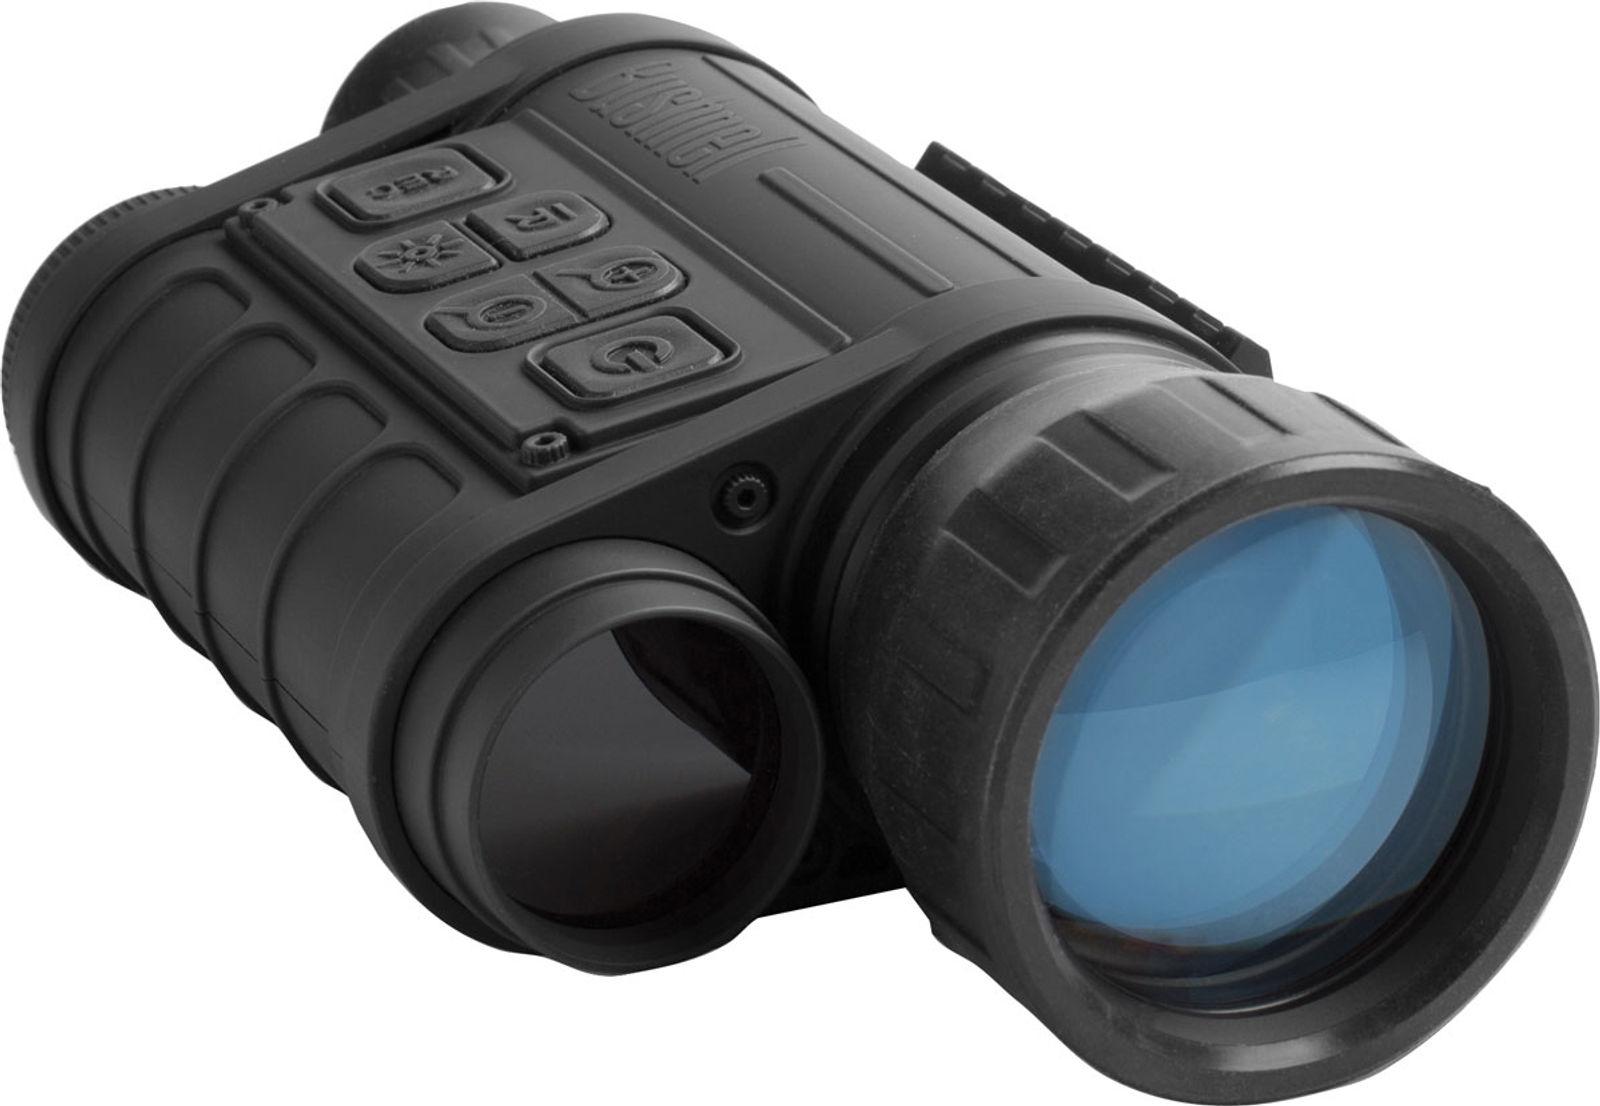 Bushnell equinox z digitales nachtsichtgerät